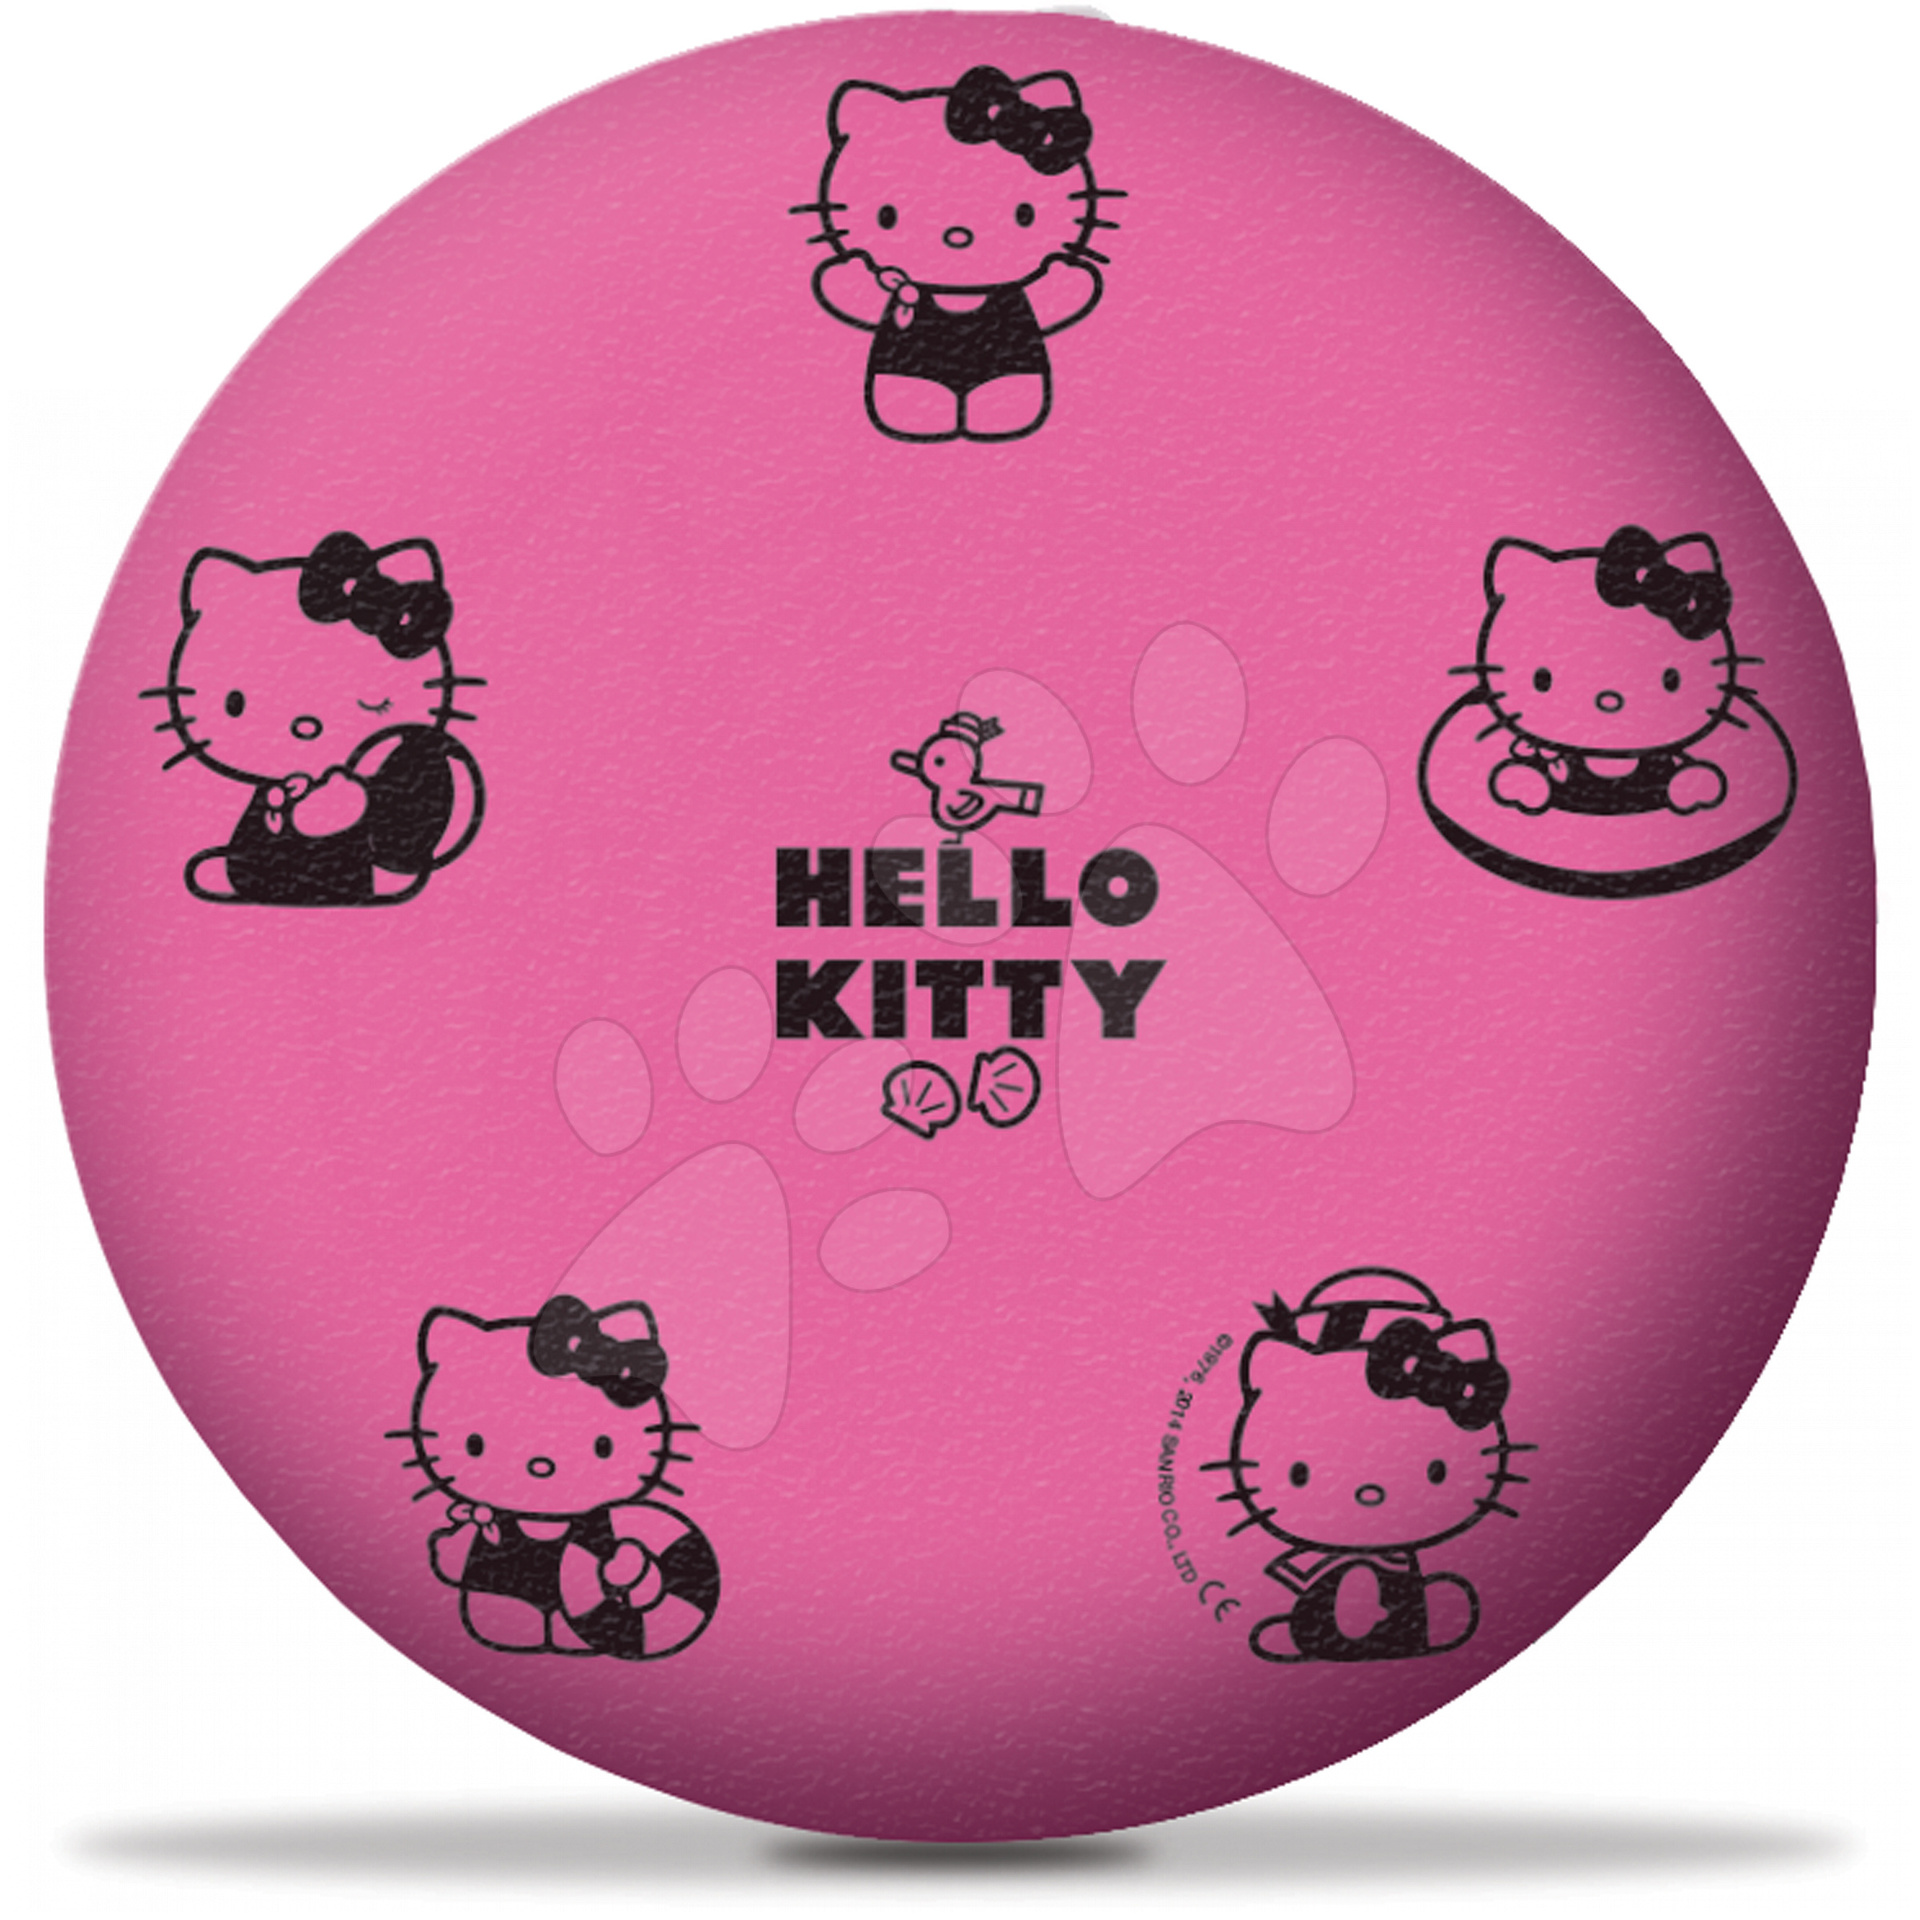 Pěnové míče - Pěnový míč Hello Kitty Mondo 20 cm od 24 měsíců